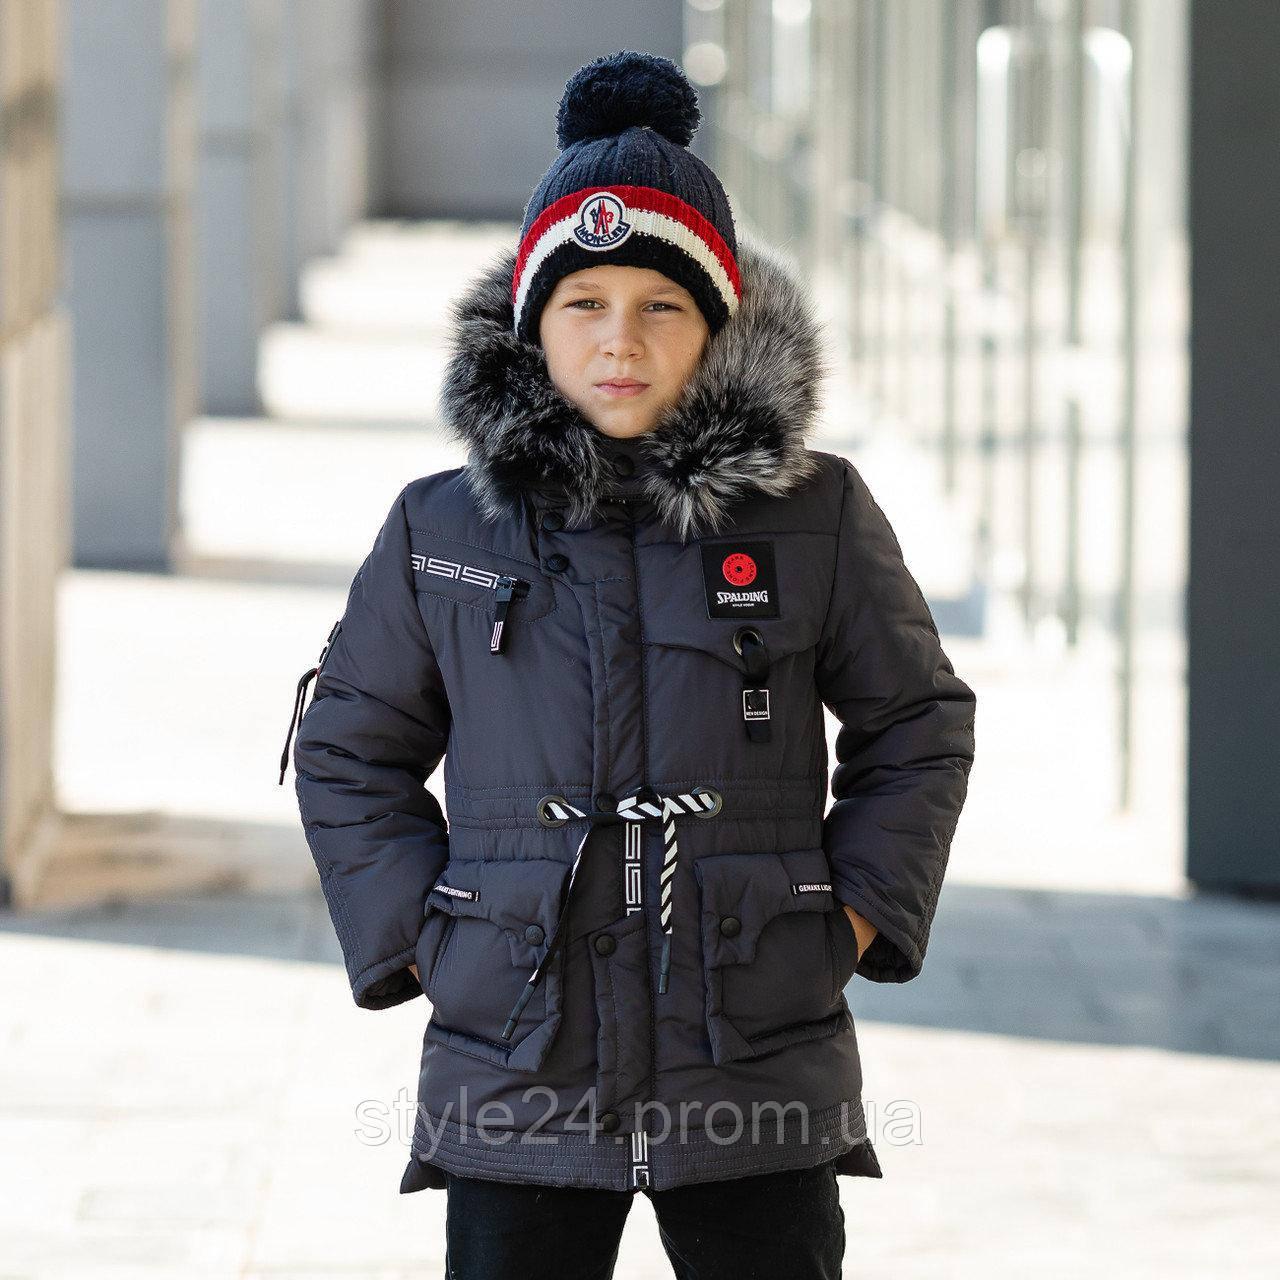 Зимова куртка на флісі з натуральною опушкою на капюшоні   Р-ри 110-140